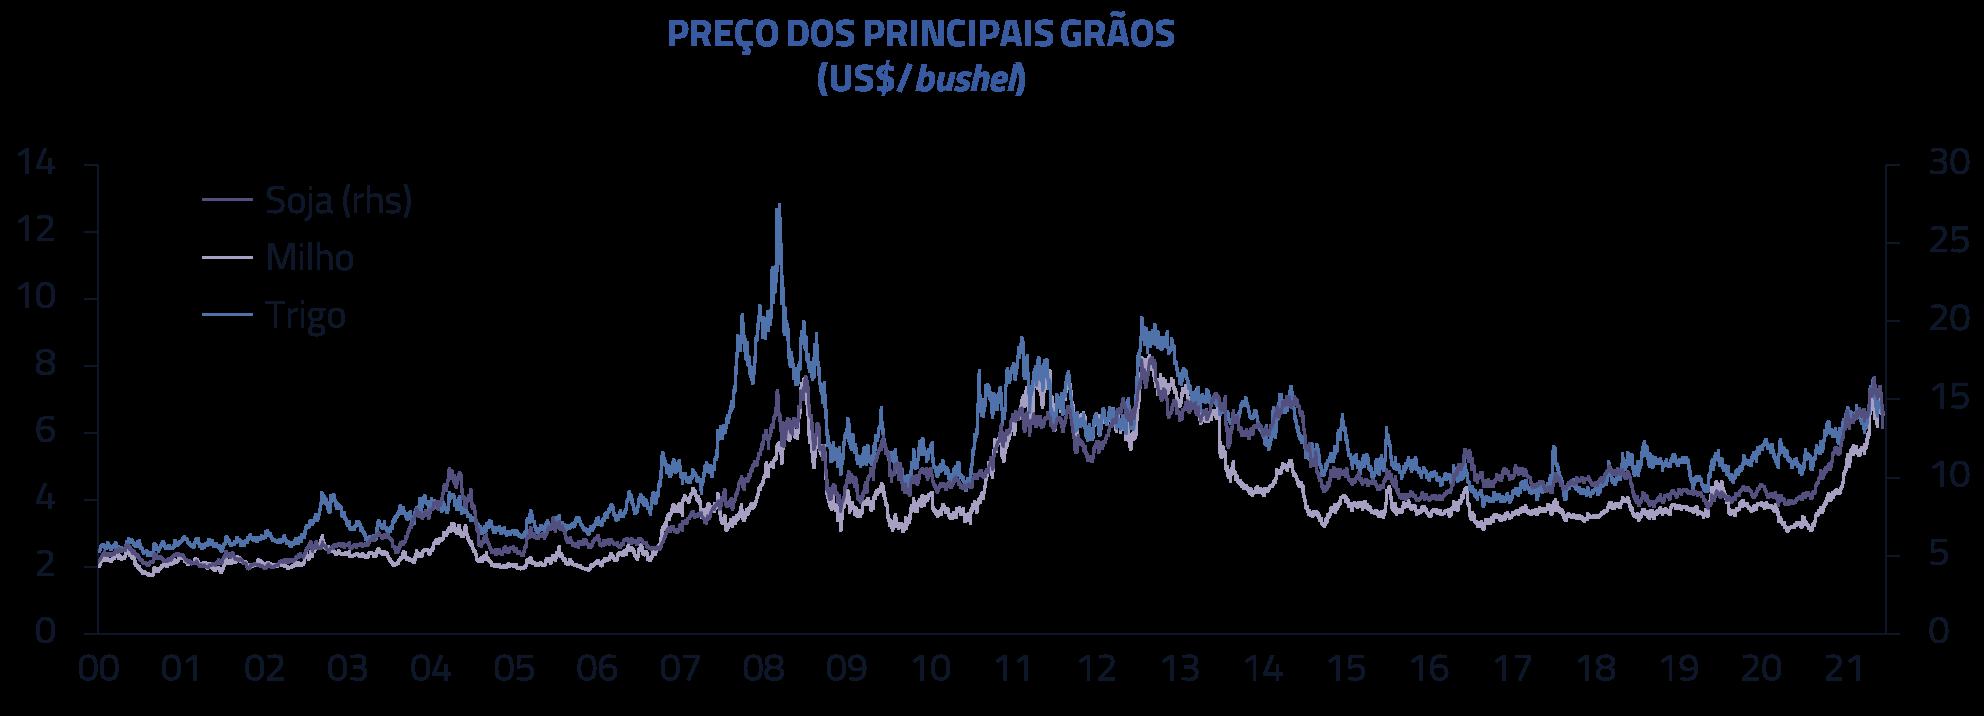 Preço dos principais grãos (US$/bushel)